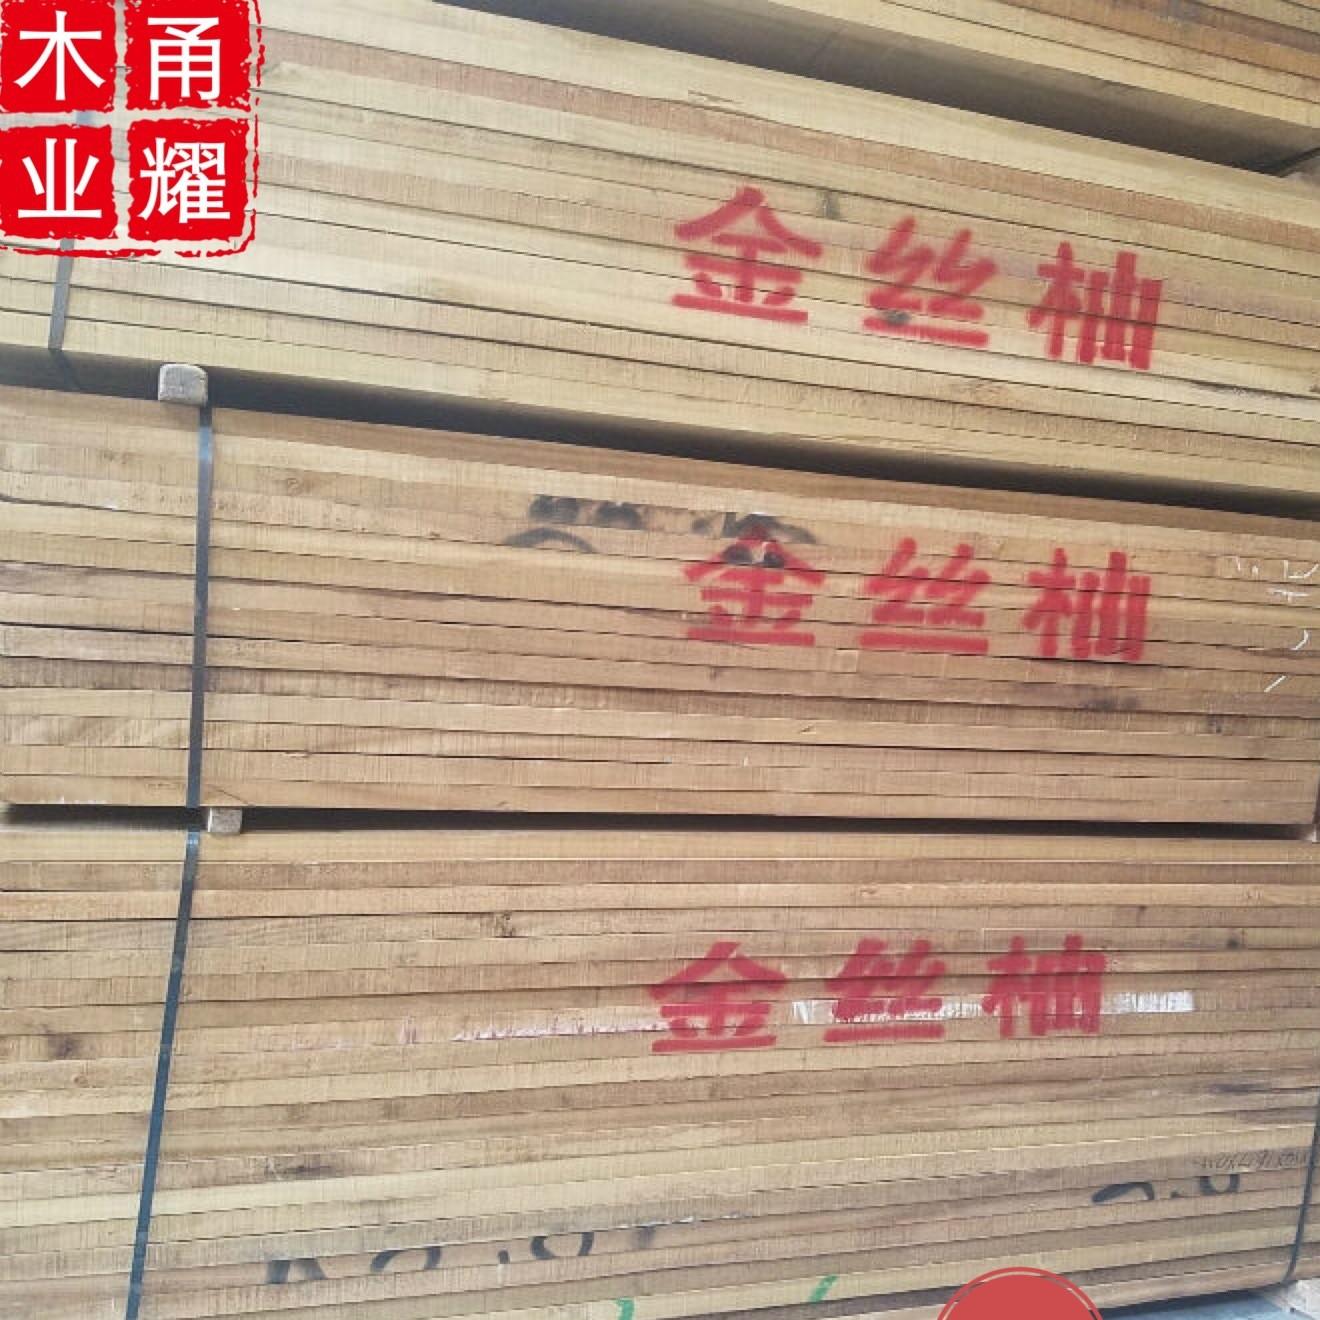 批发供应 大量 金丝柚木板材 正宗非洲进口实木 烘干 精品木板材